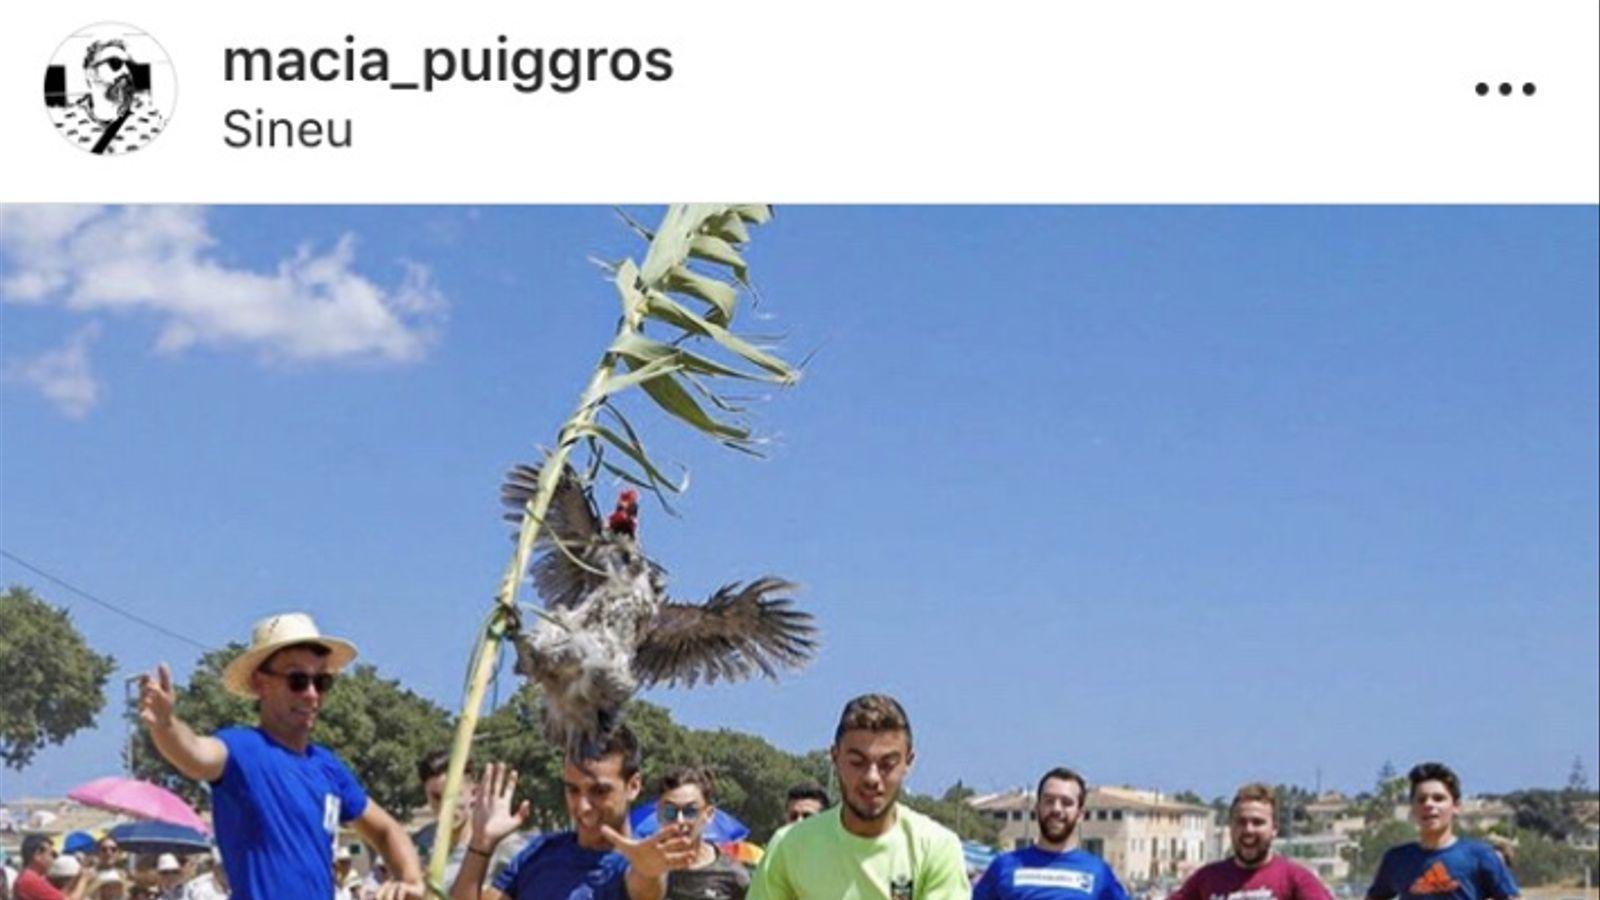 L'Associació Animalista de les Illes Balears vol denunciar Sineu per maltractament animal